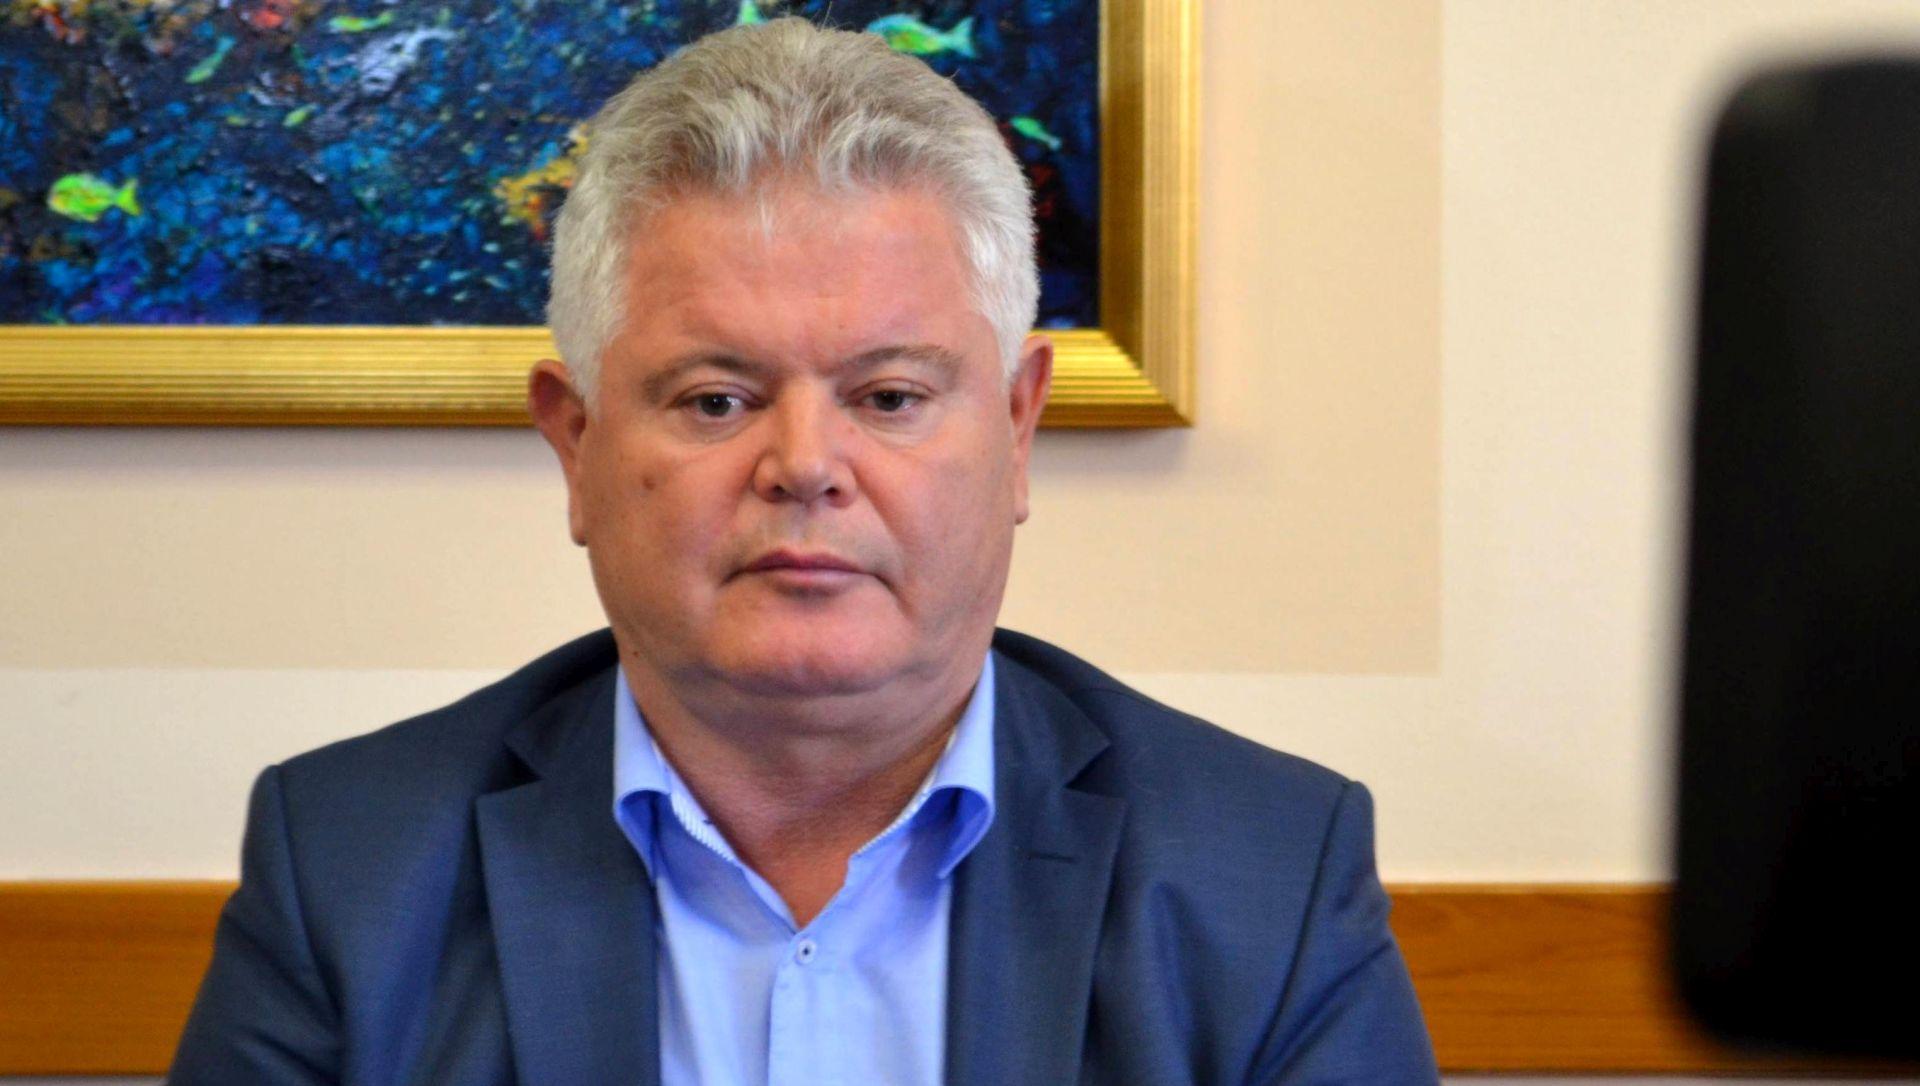 Potvrđena Uskokova optužnica protiv Vlahušića u aferi Revelin